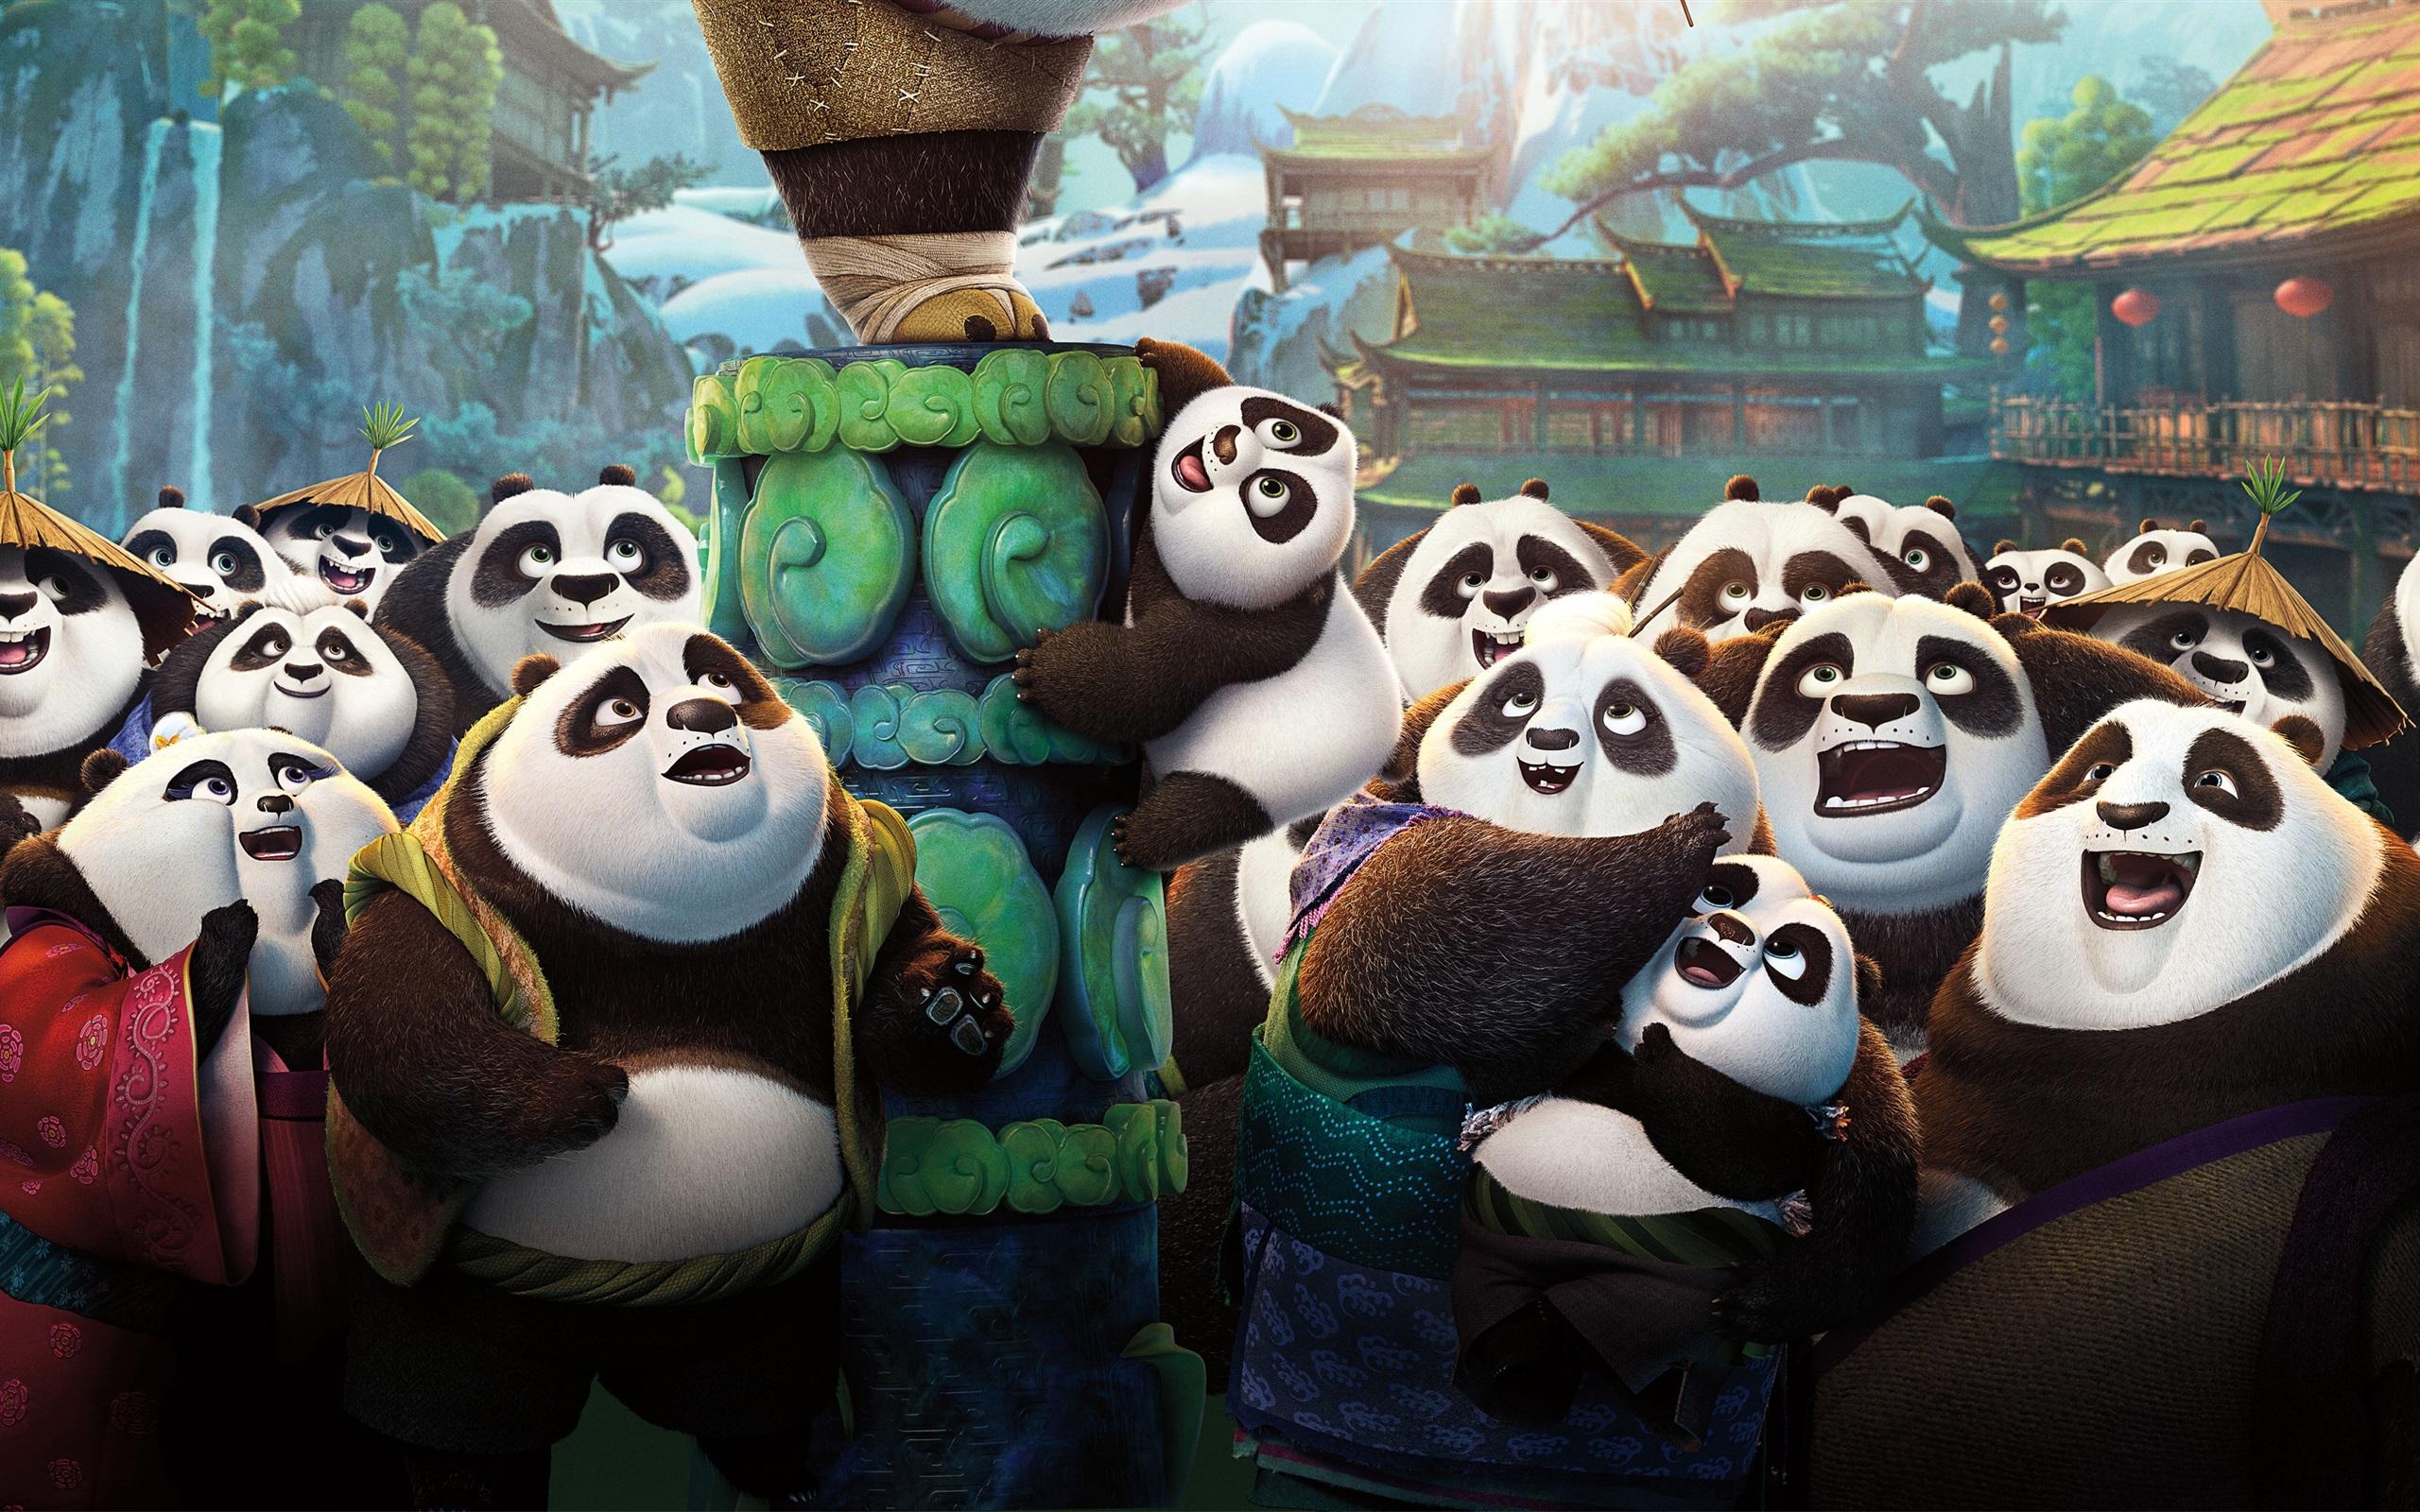 кунг фу панда картинки высокого качества ещё устали